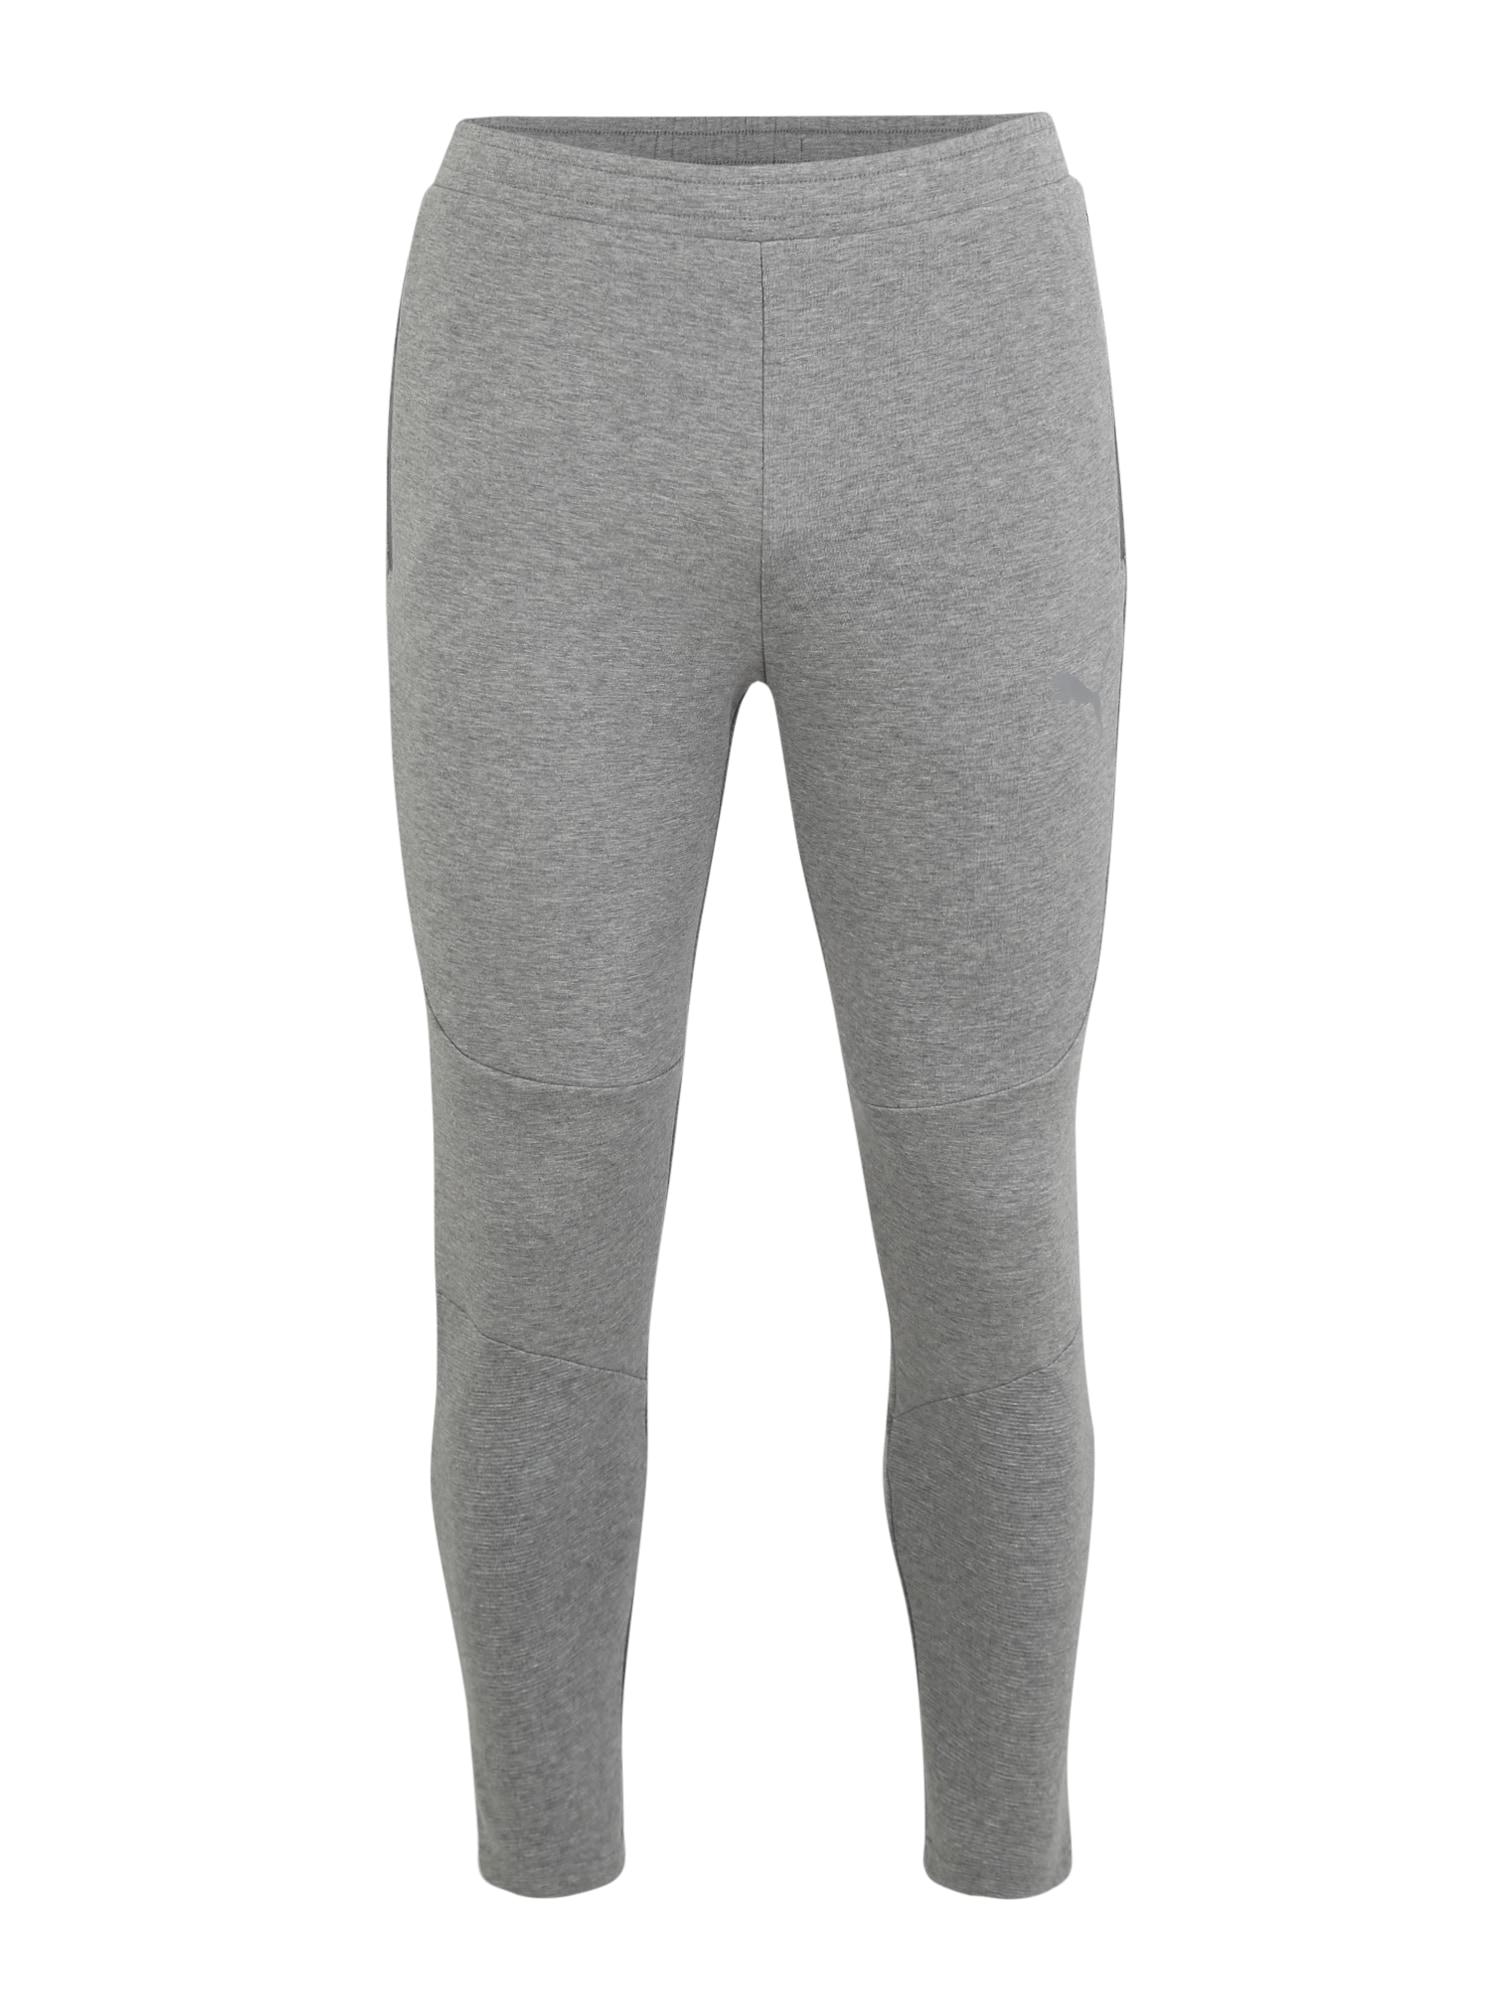 Sportovní kalhoty Evostripe světle šedá PUMA